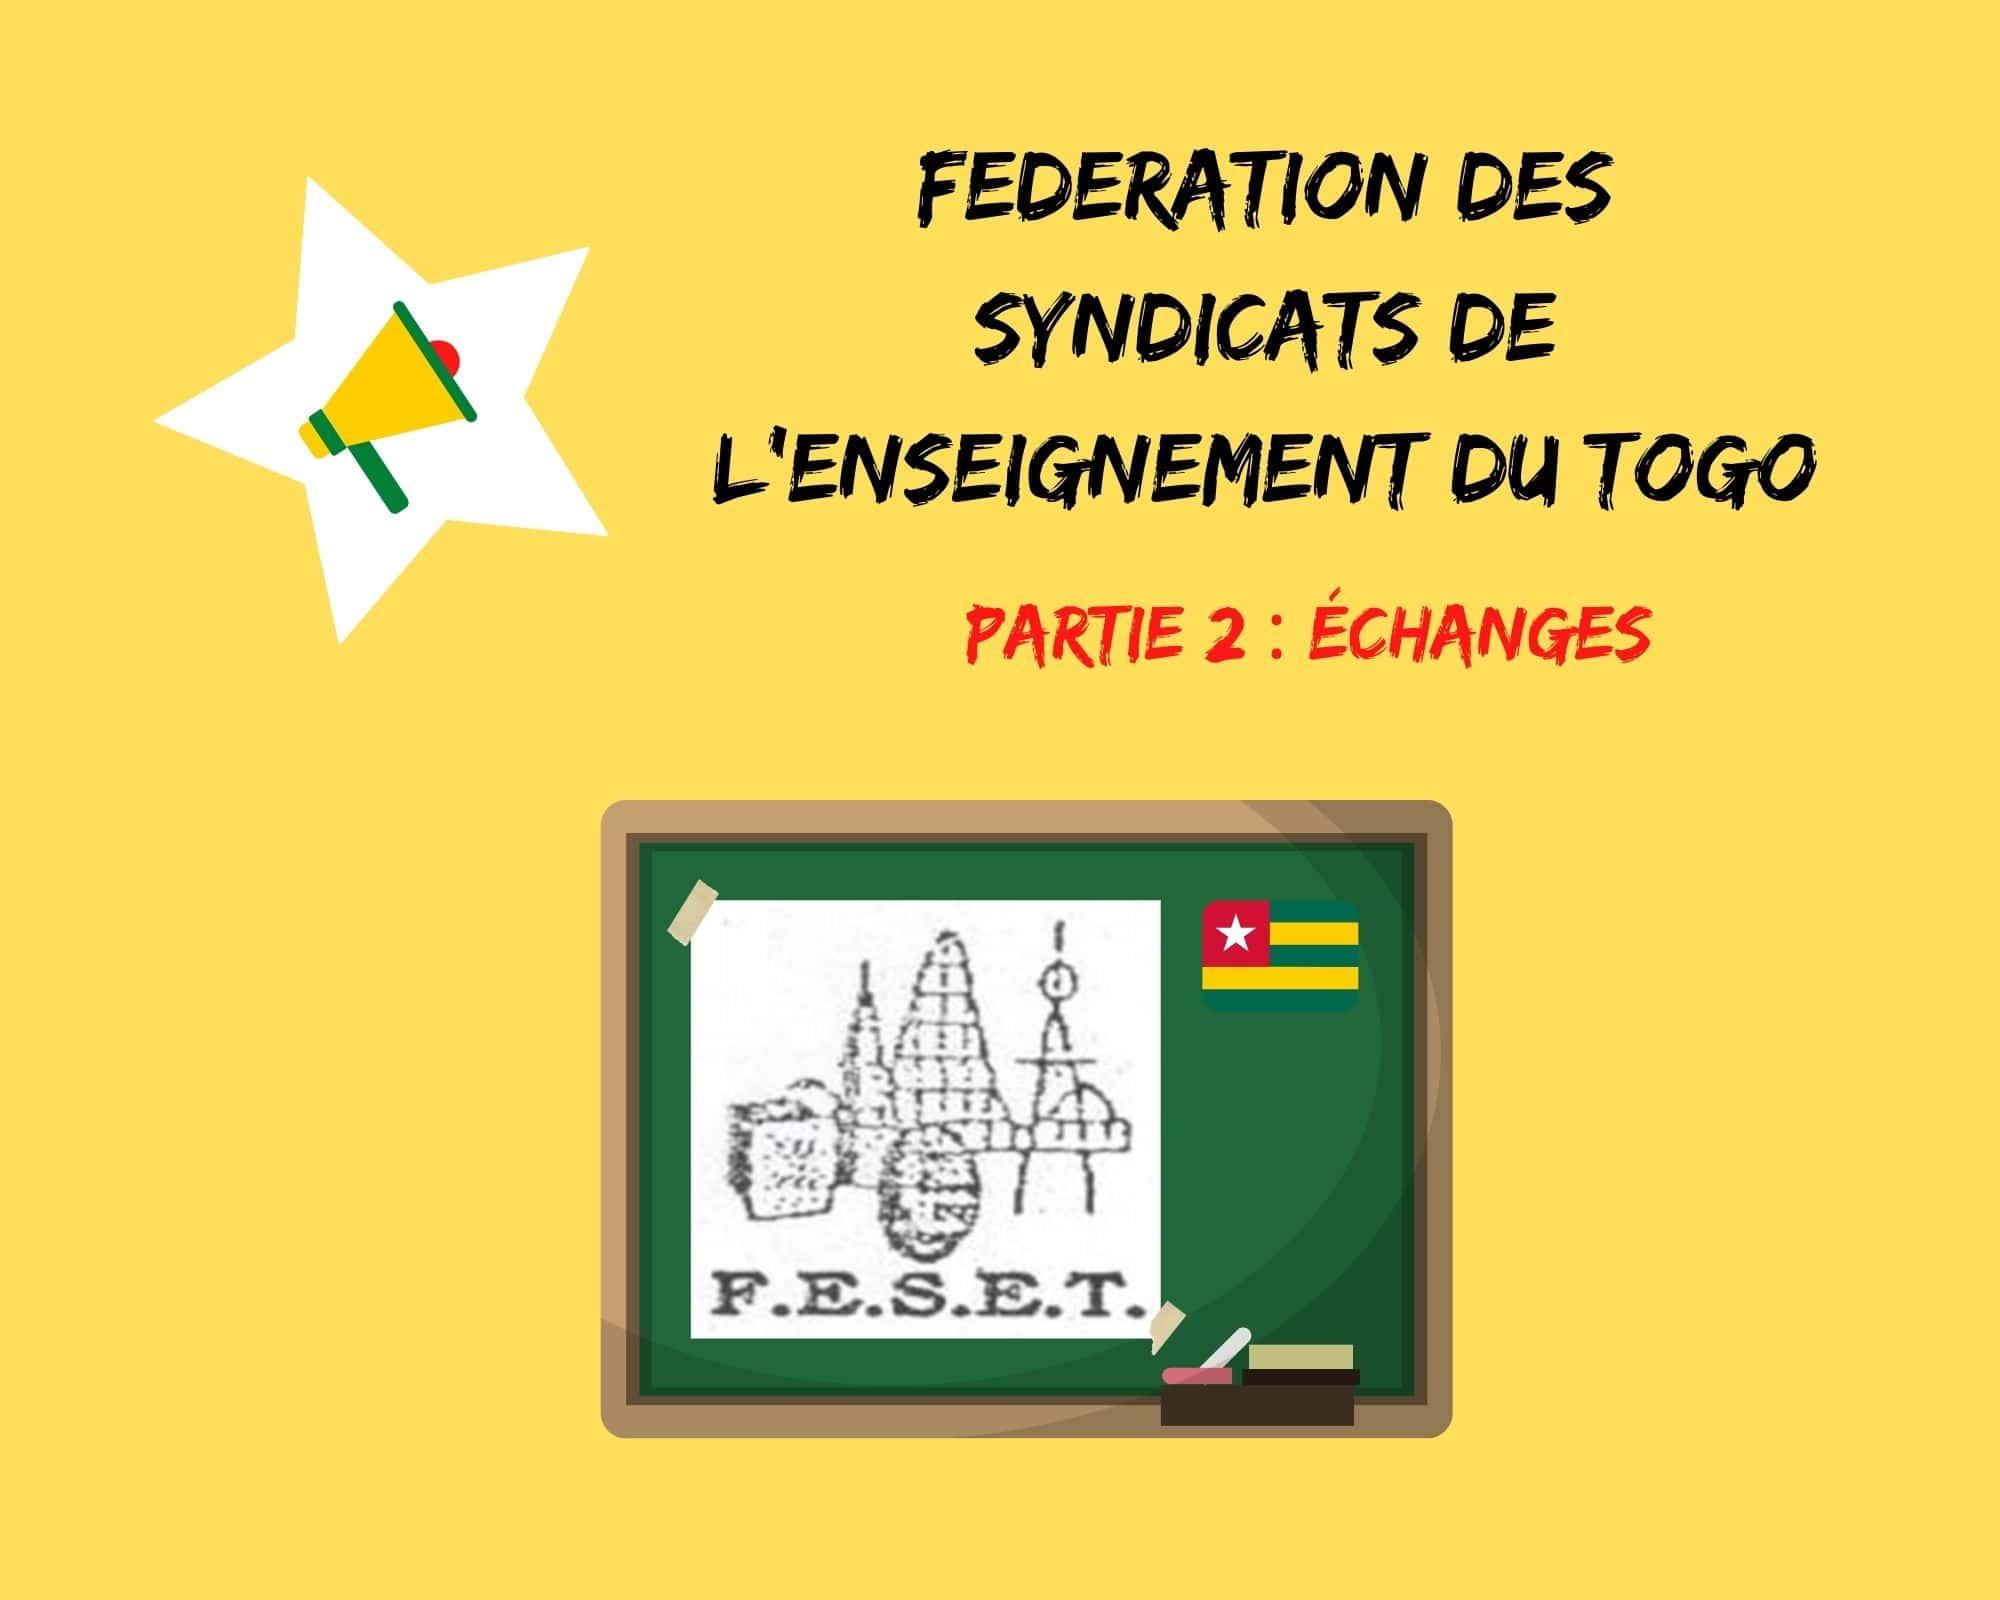 La parole aux syndicats : échanges avec la Fédération des Syndicats de l'Enseignement du Togo